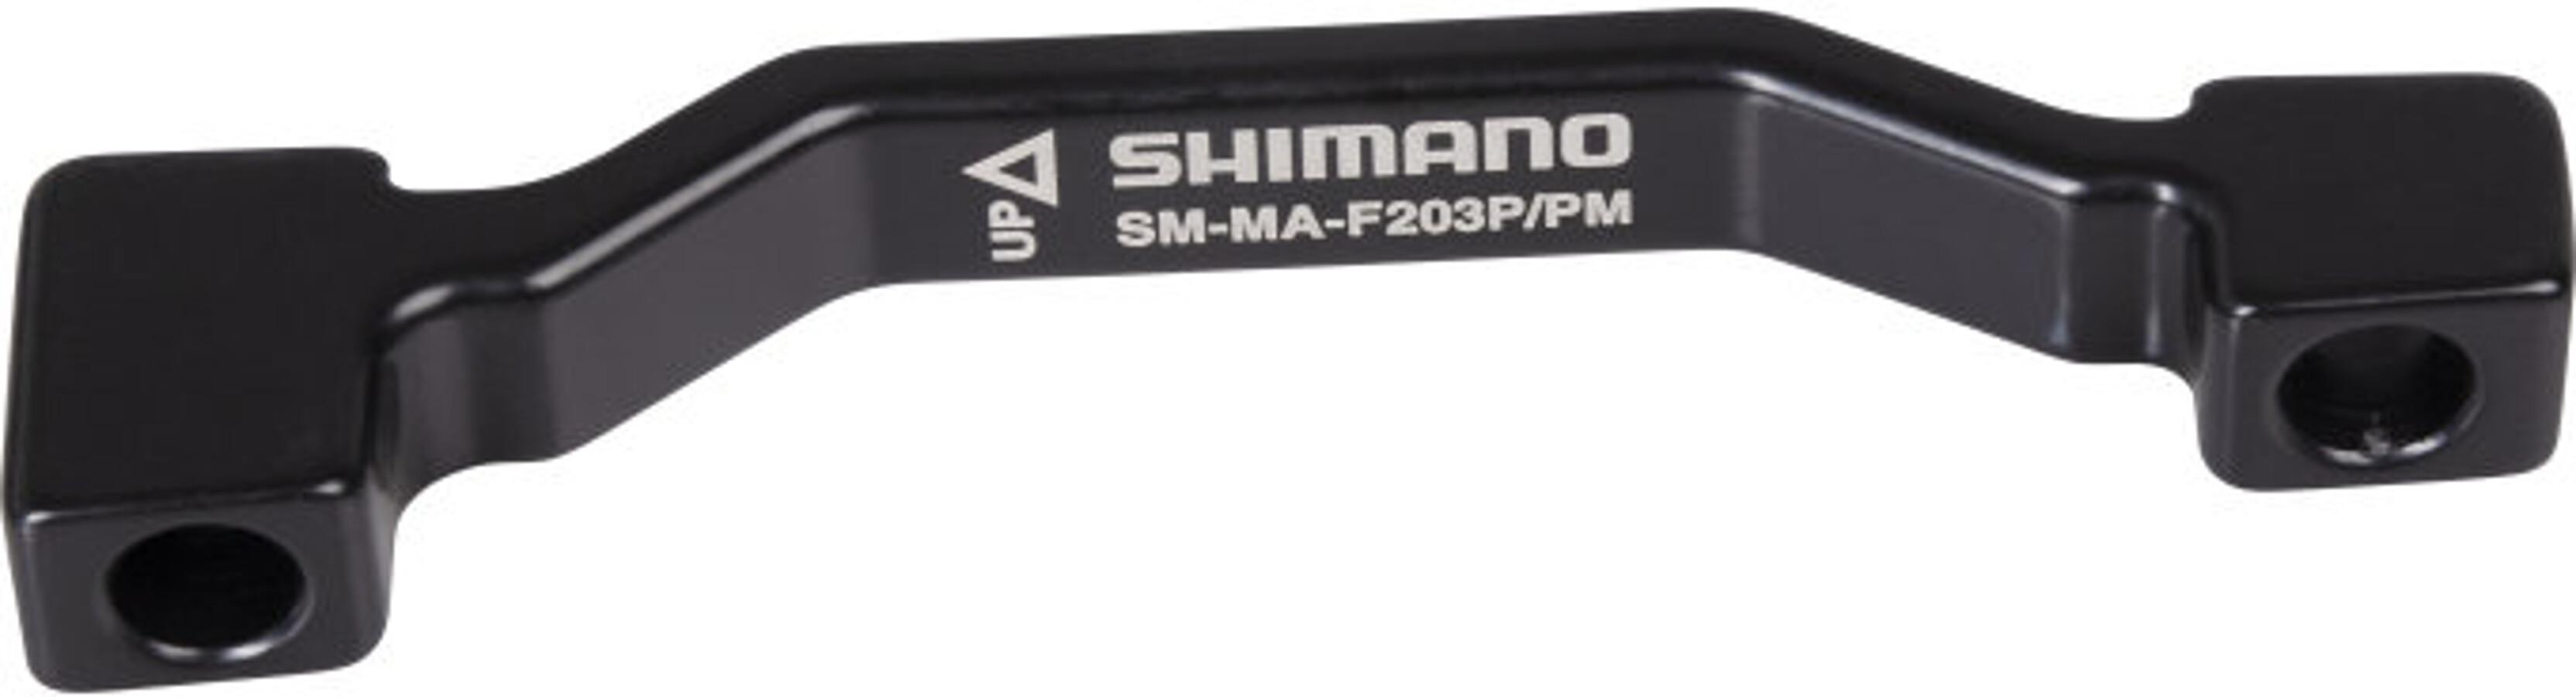 SHIMANO Brems Adapter VR für 203mm Scheibe von PM-Bremssattel auf IS-Gabel